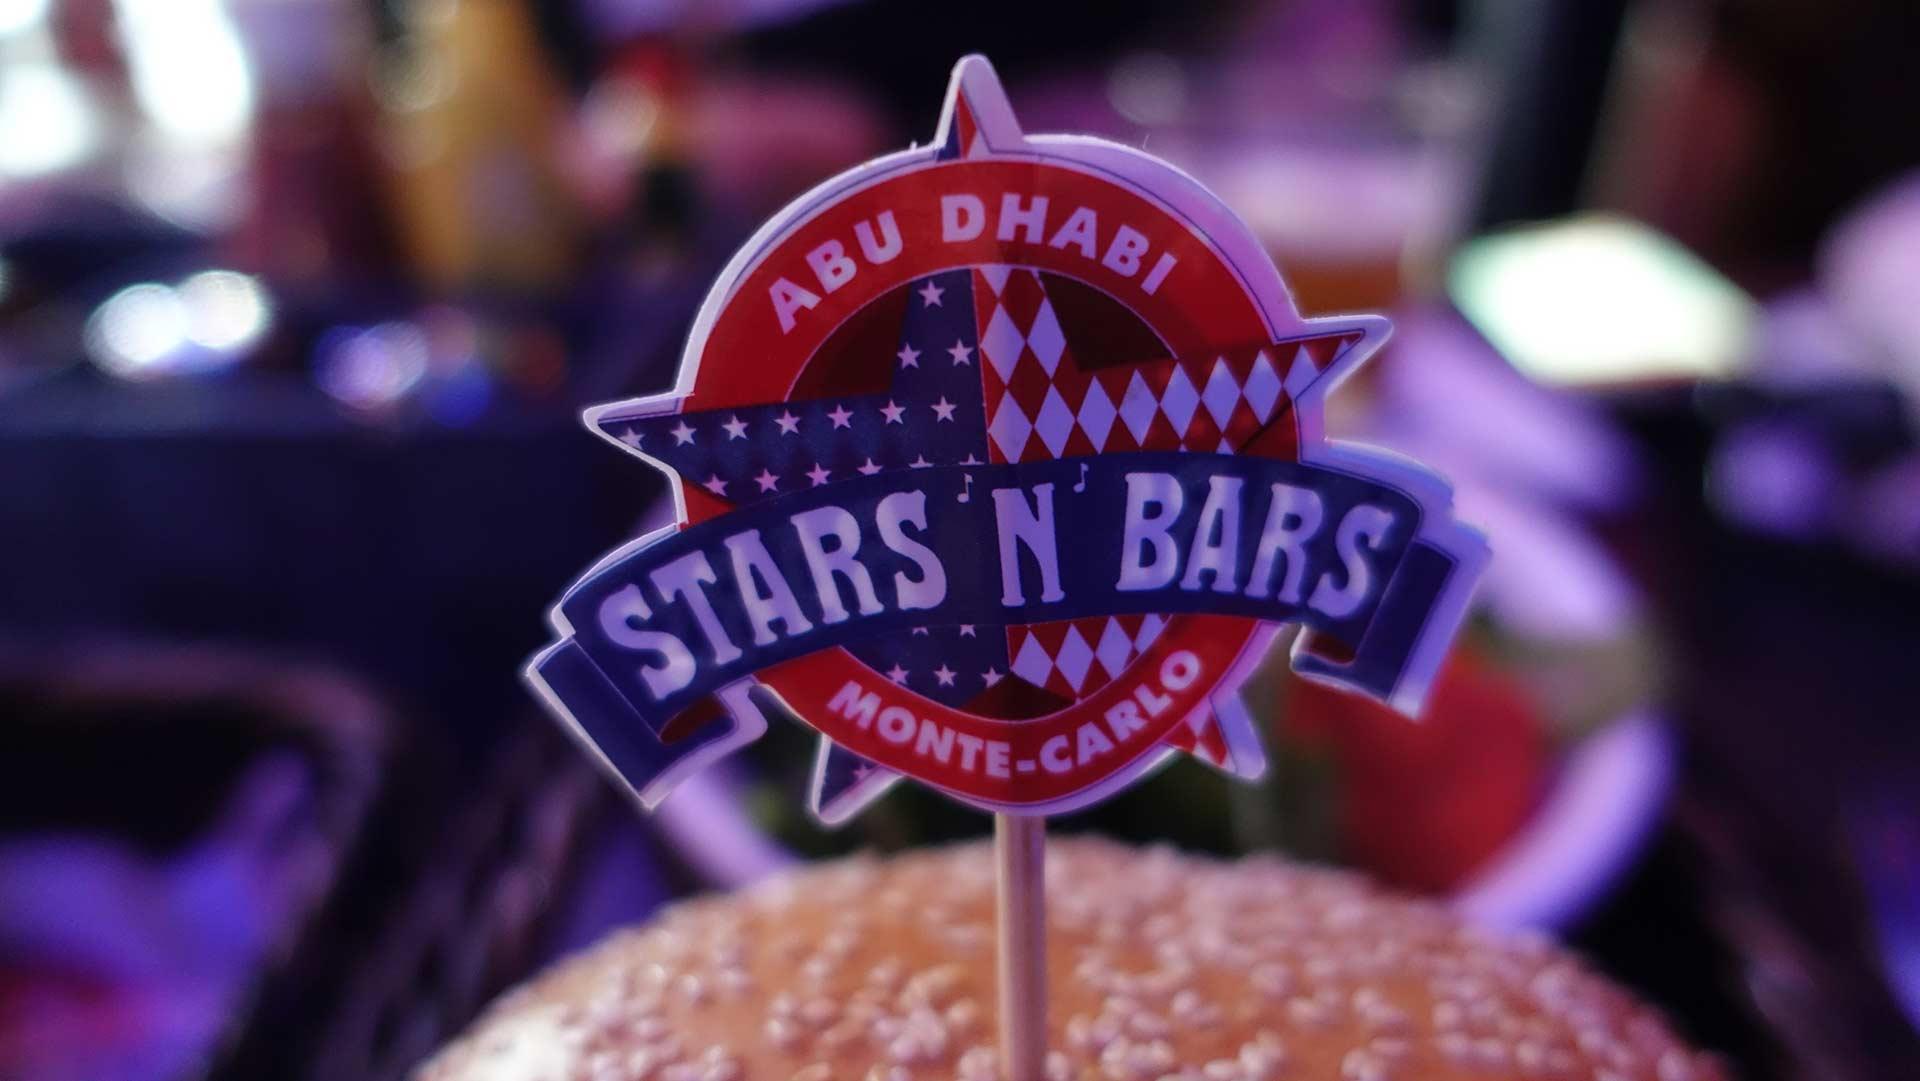 Stars N Bars - Abu Dhabi, UAE - Logo